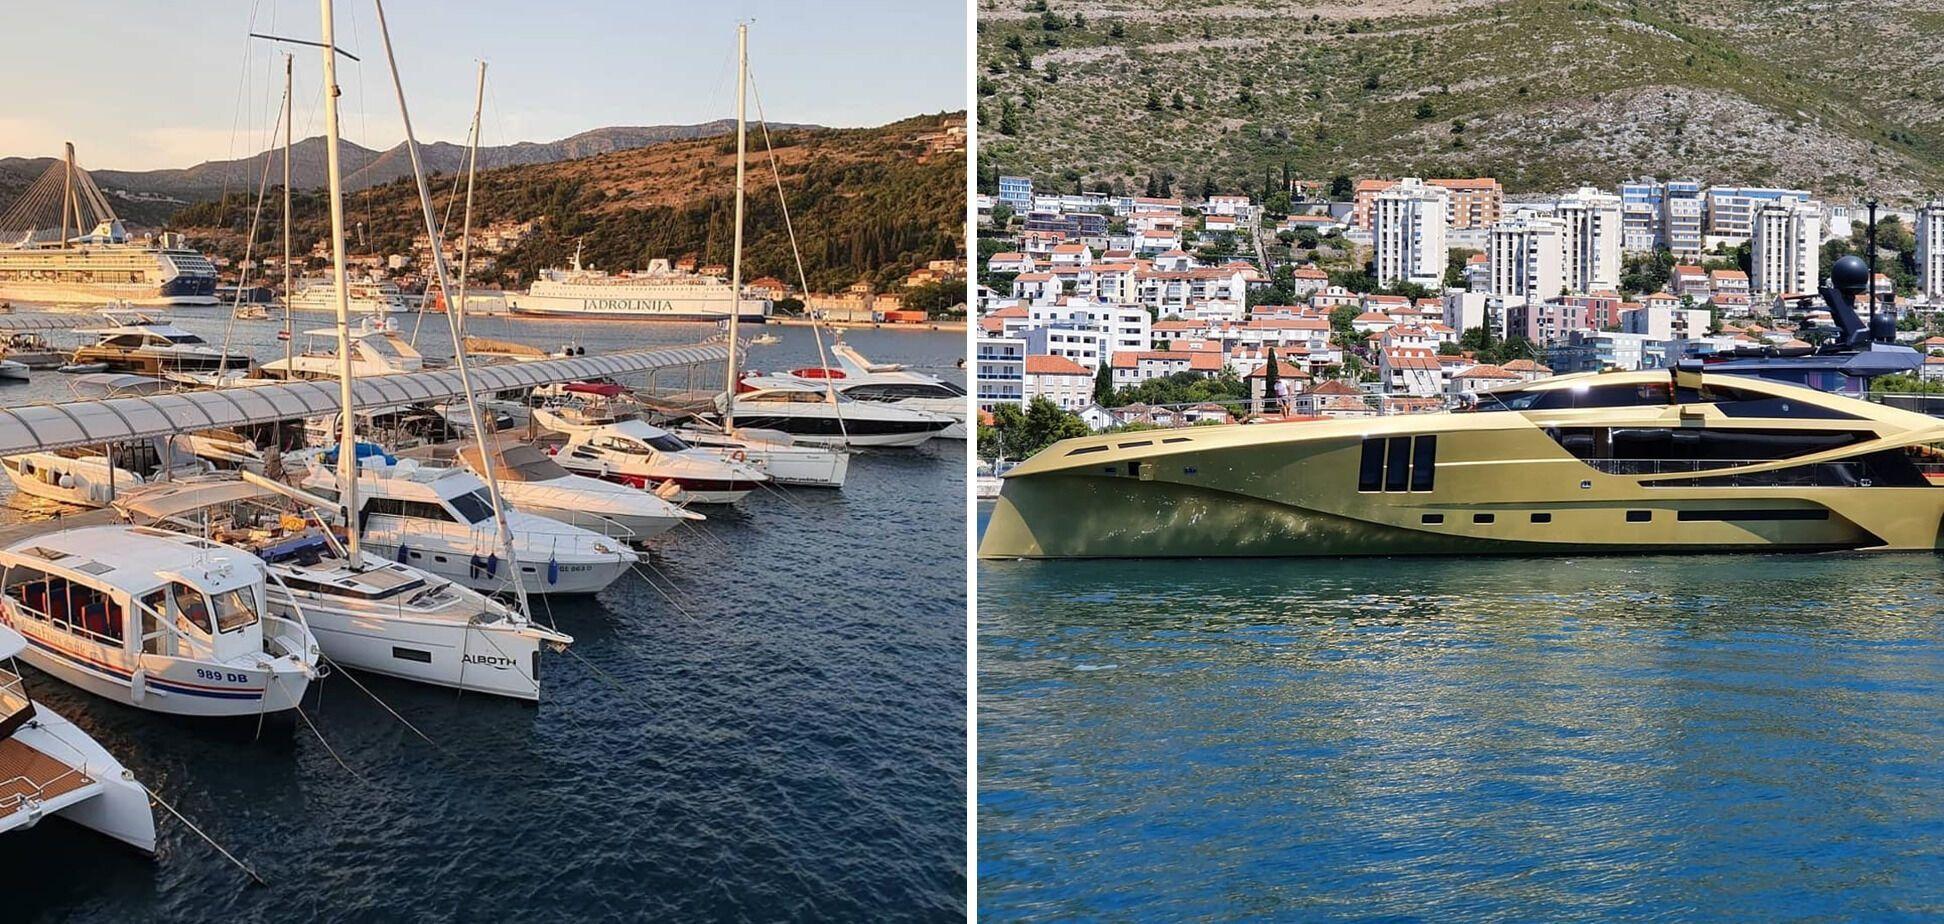 У Хорватії багато марин, де можна взяти яхту. Як бюджетний варіант, так і фешенебельне велике судно.